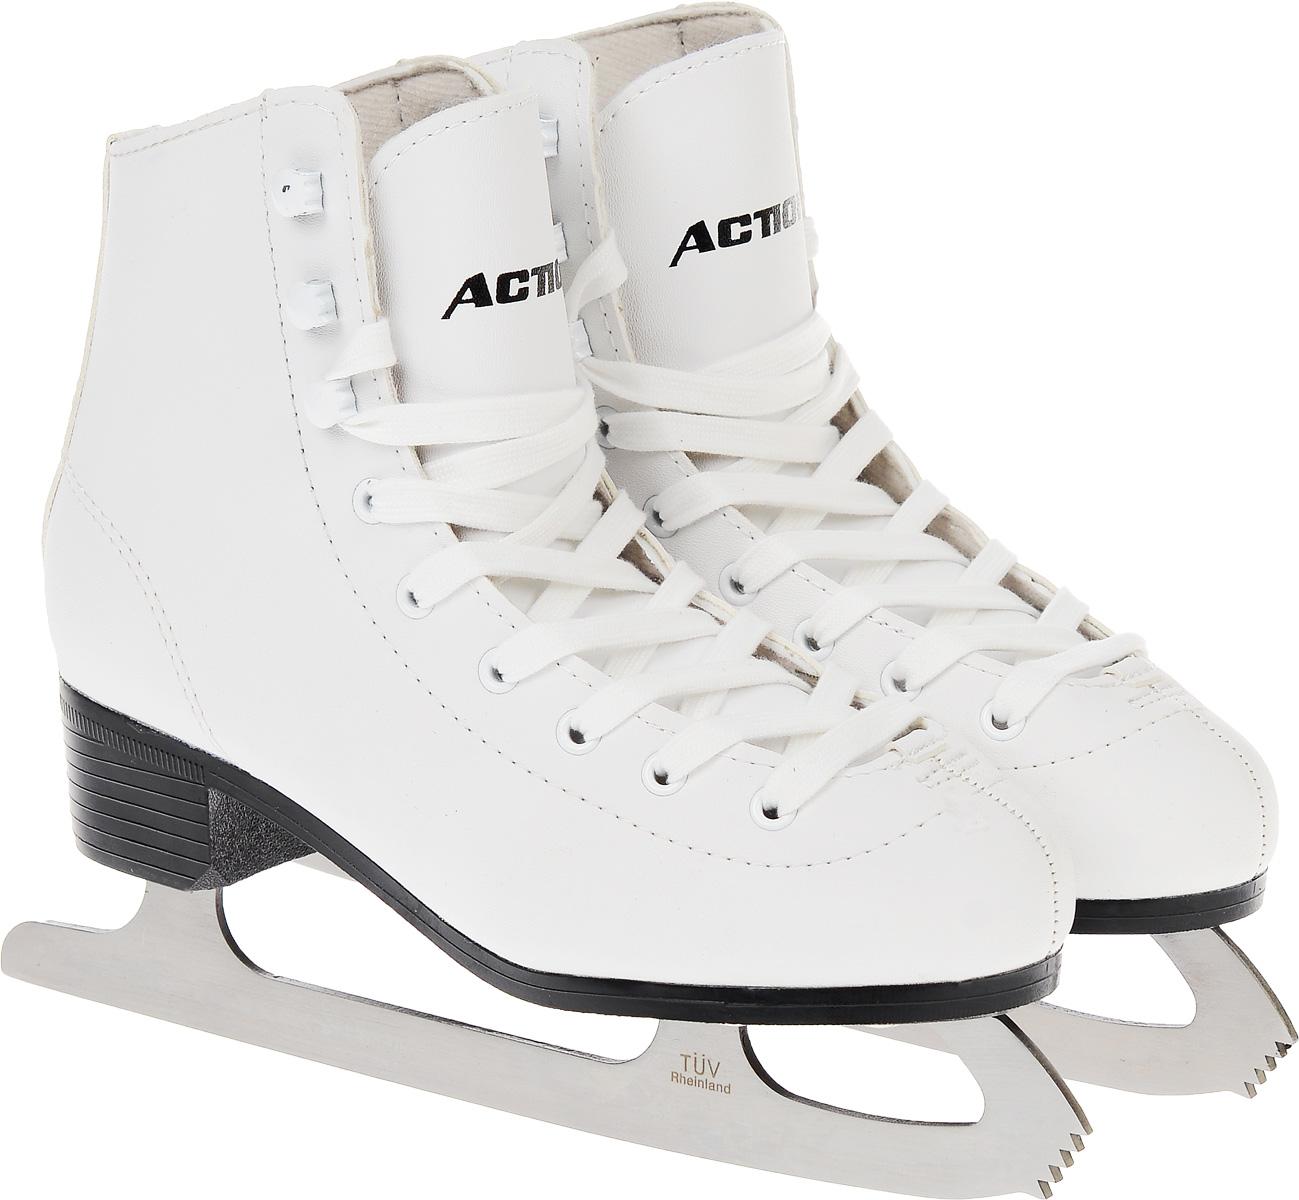 Коньки фигурные женские Action Sporting Goods, цвет: белый. PW-215. Размер 39 goods